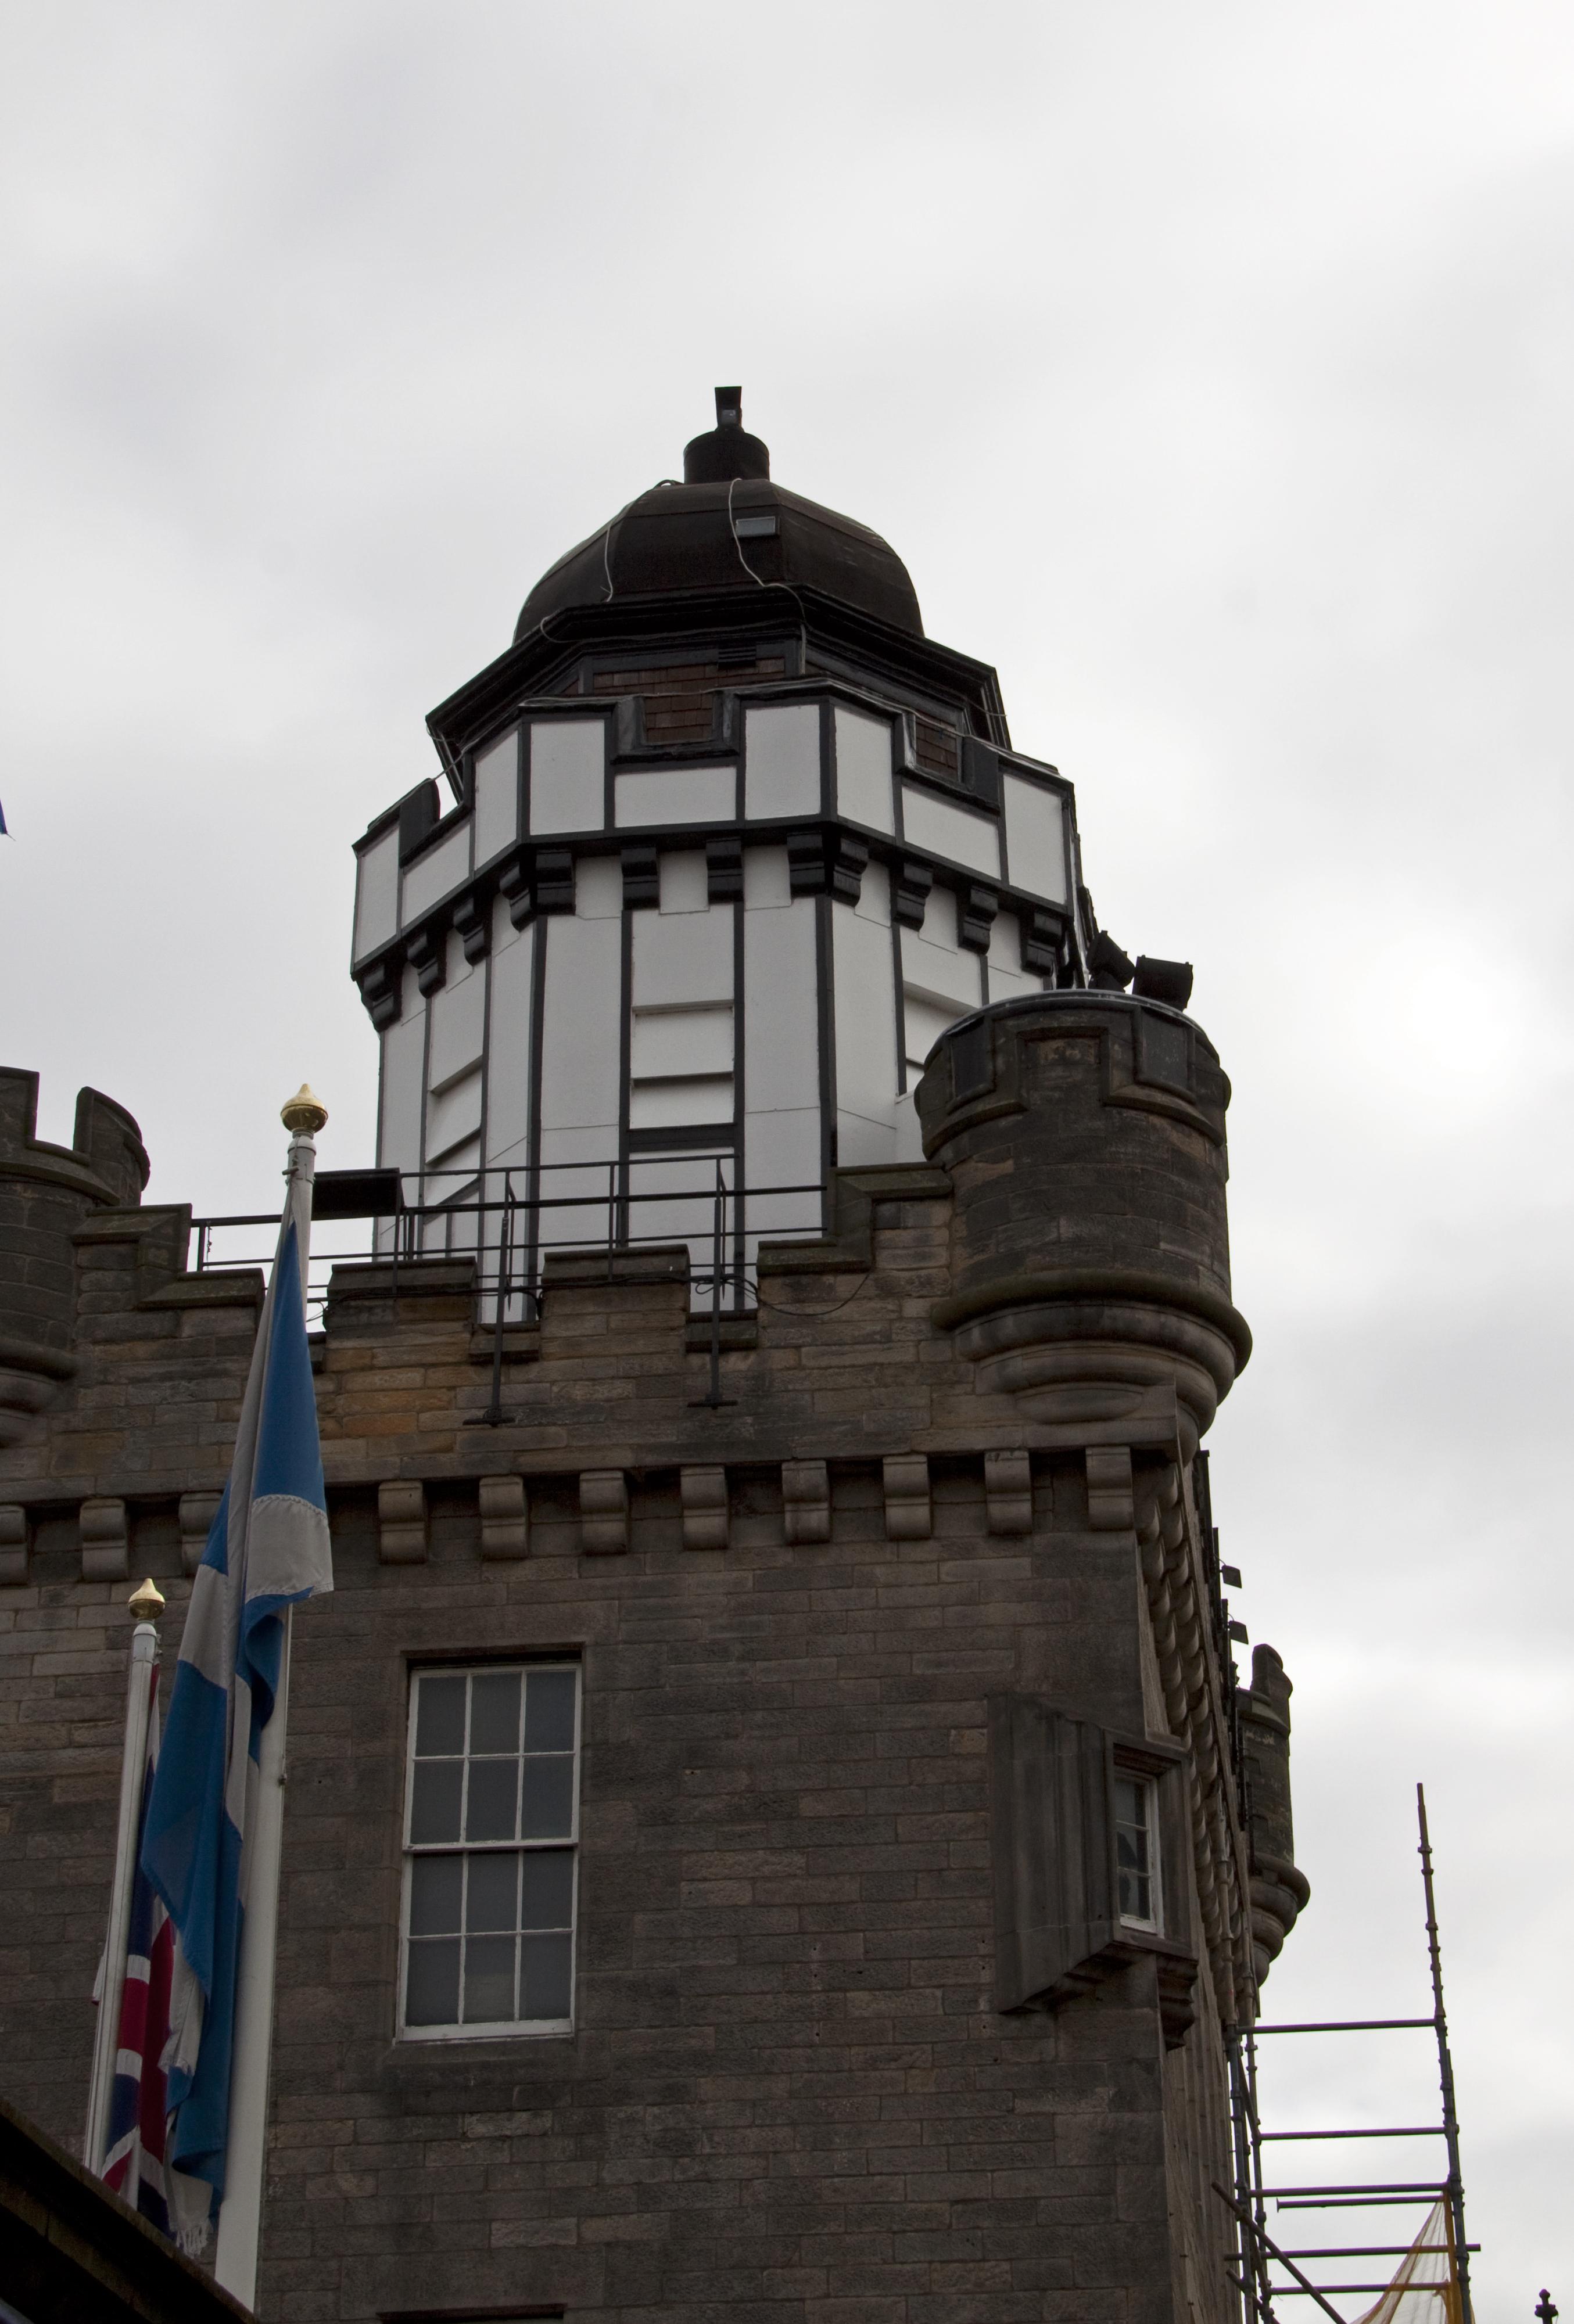 filecamera obscura edinburgh 4530221893jpg wikimedia